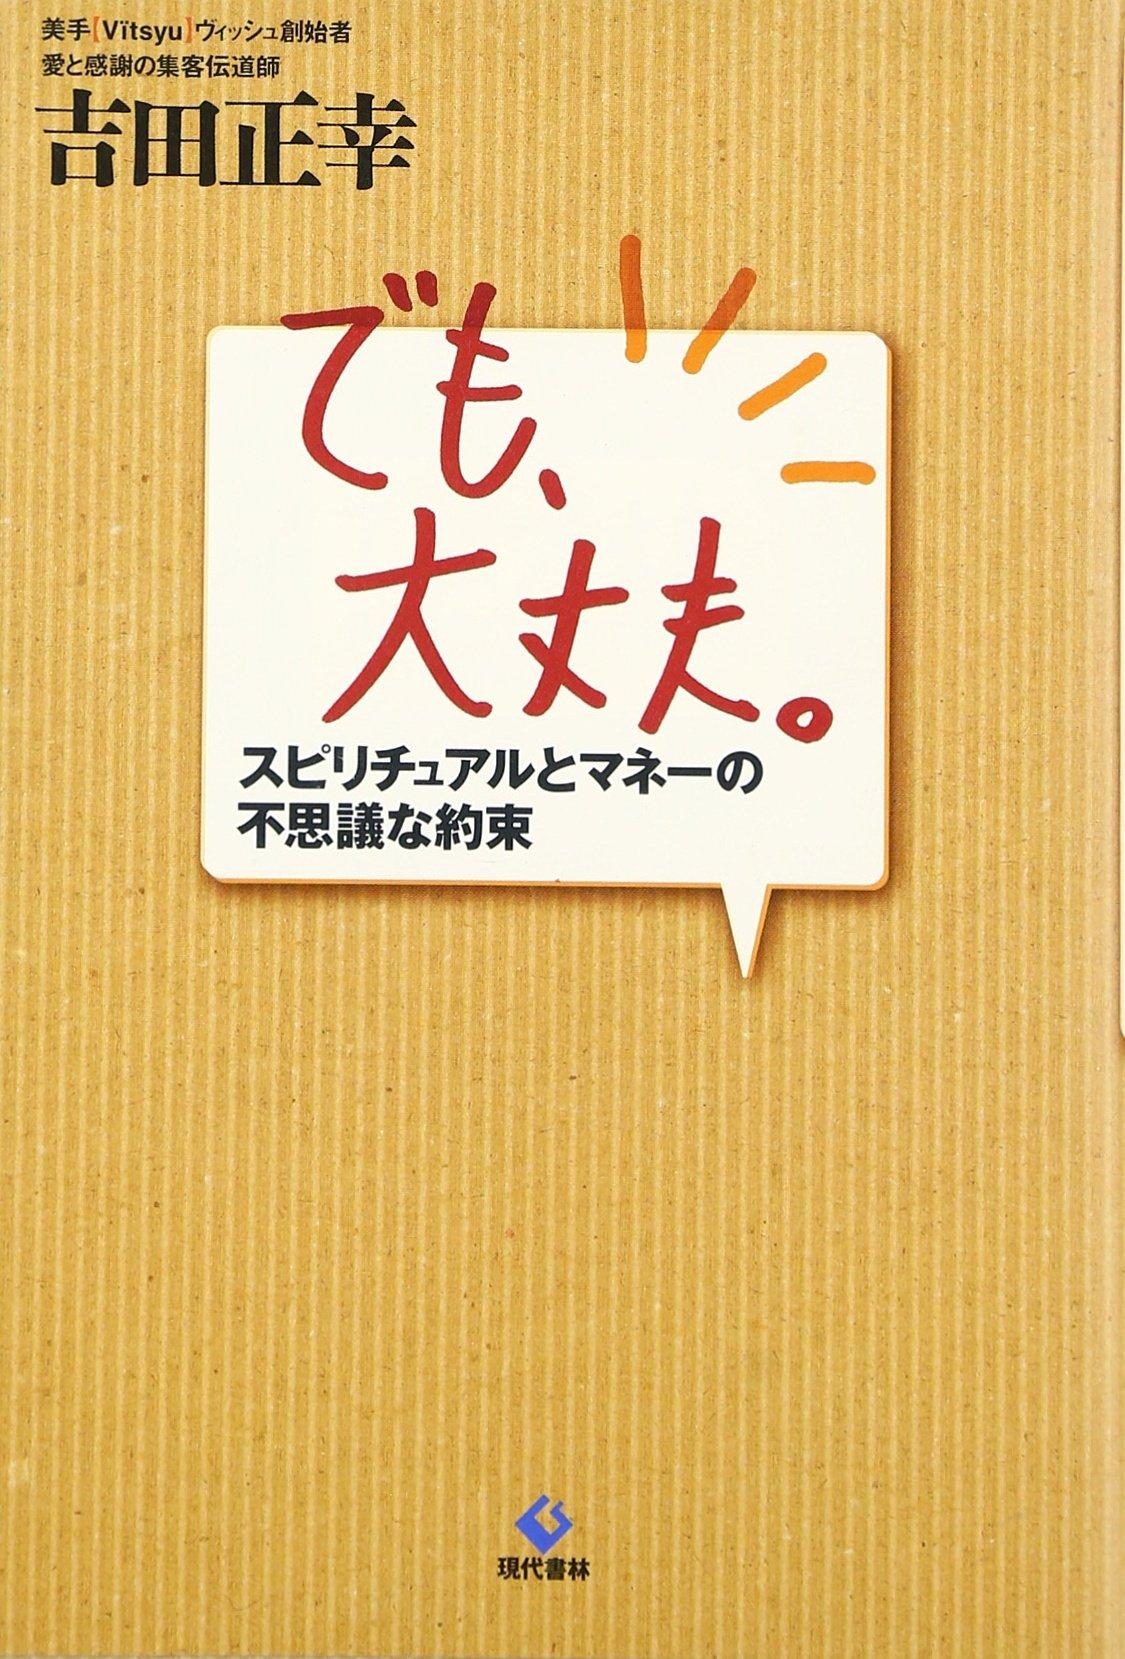 Demo daijōbu : Supirichuaru to manē no fushigina yakusoku pdf epub